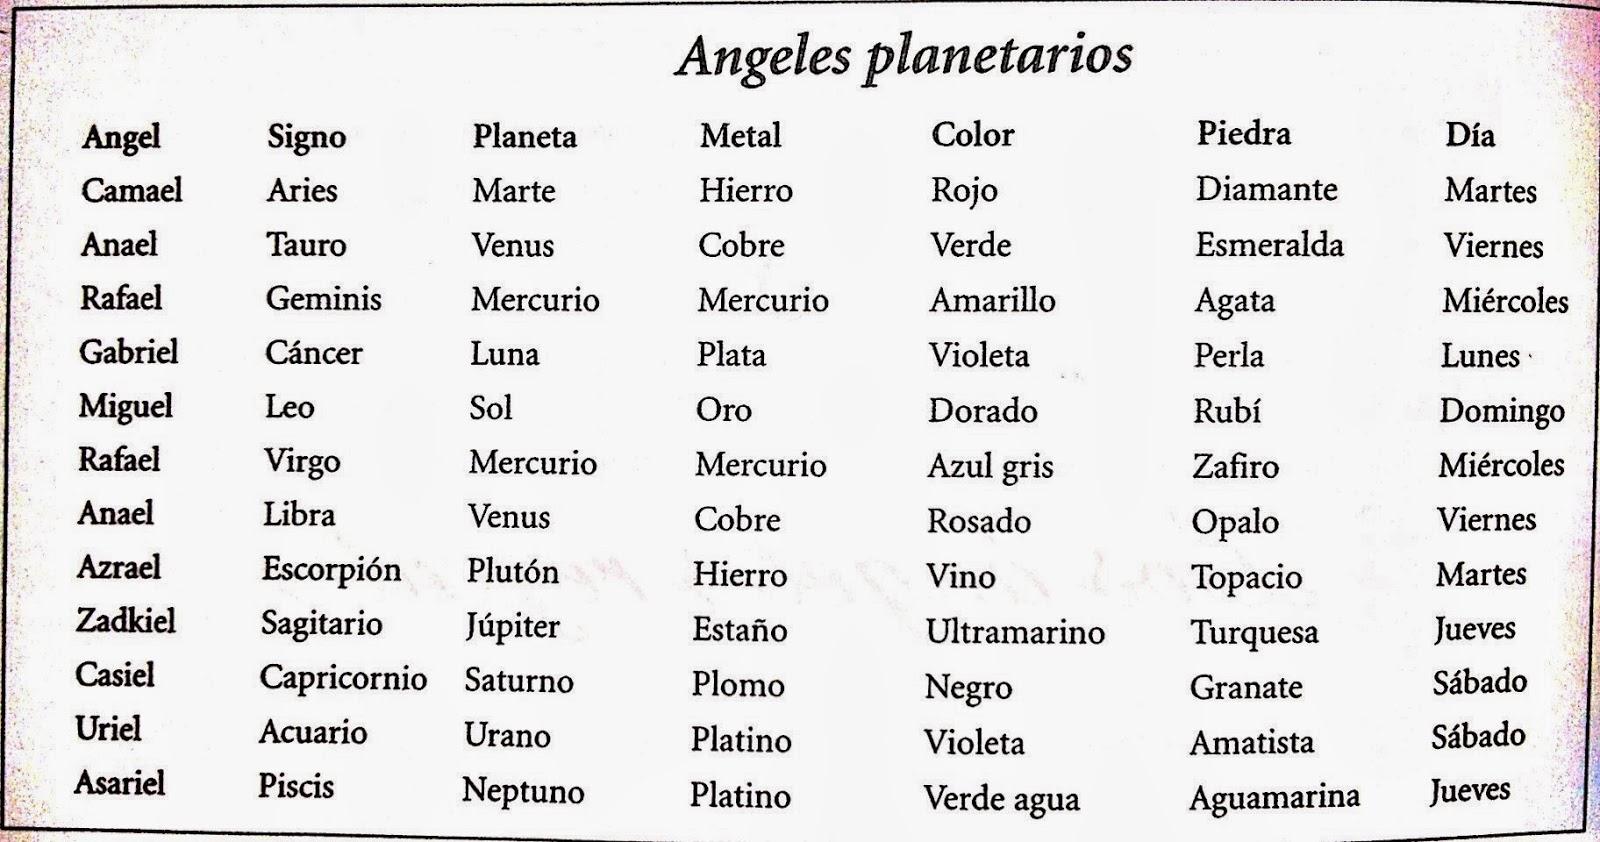 Orden signos del zodiaco stunning si te atrae el mundo de los signos zodiacales es que conozcas - Los signos del zodiaco en orden ...